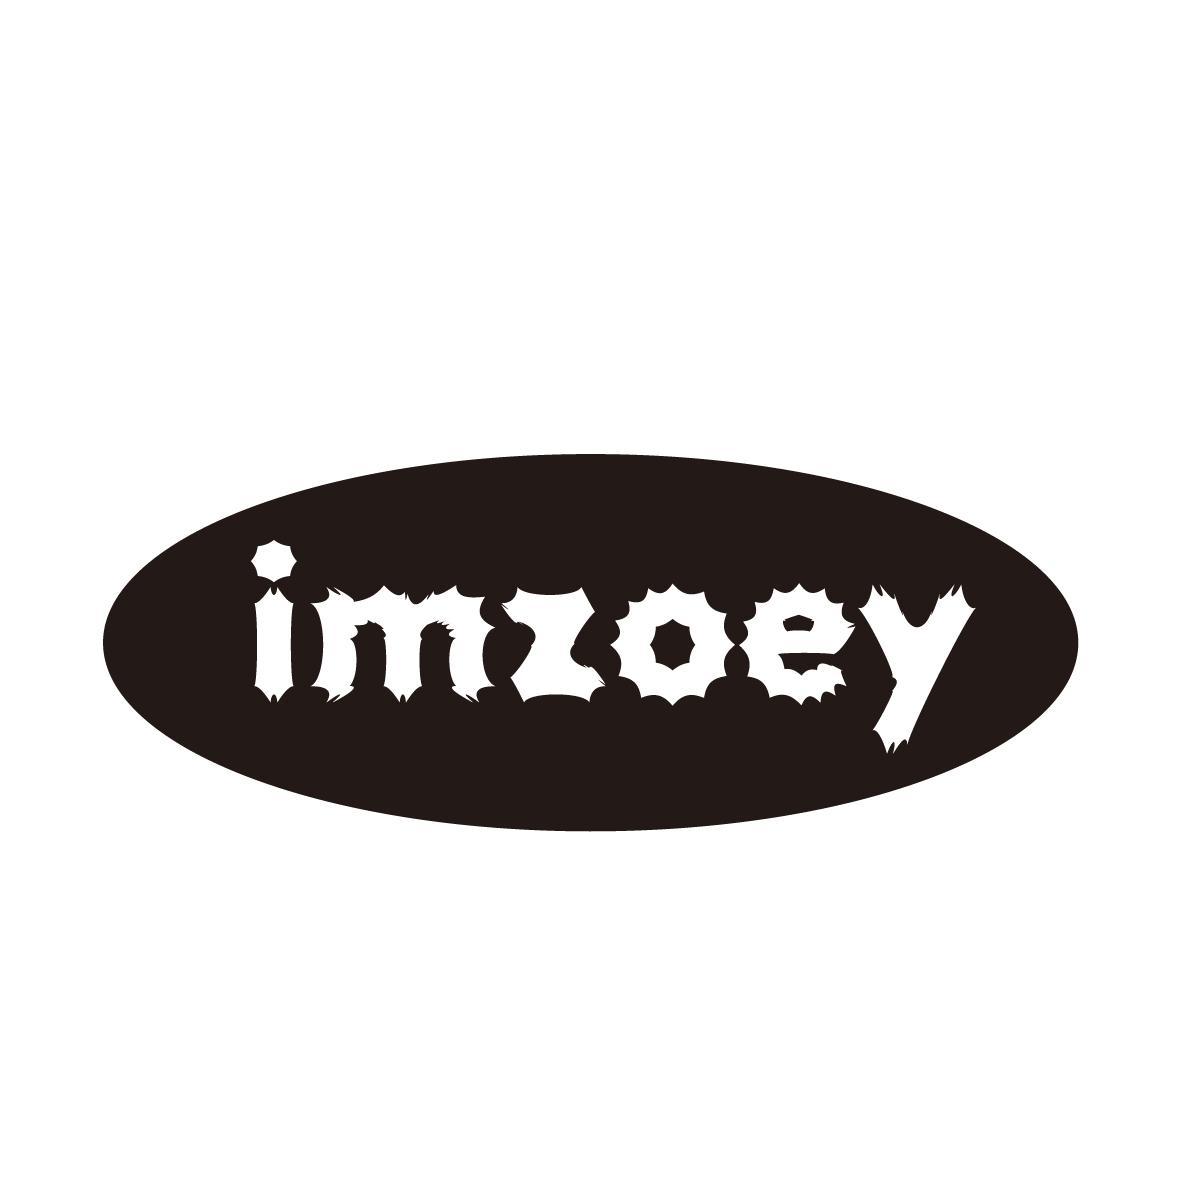 40类-材料加工IMZOEY商标转让